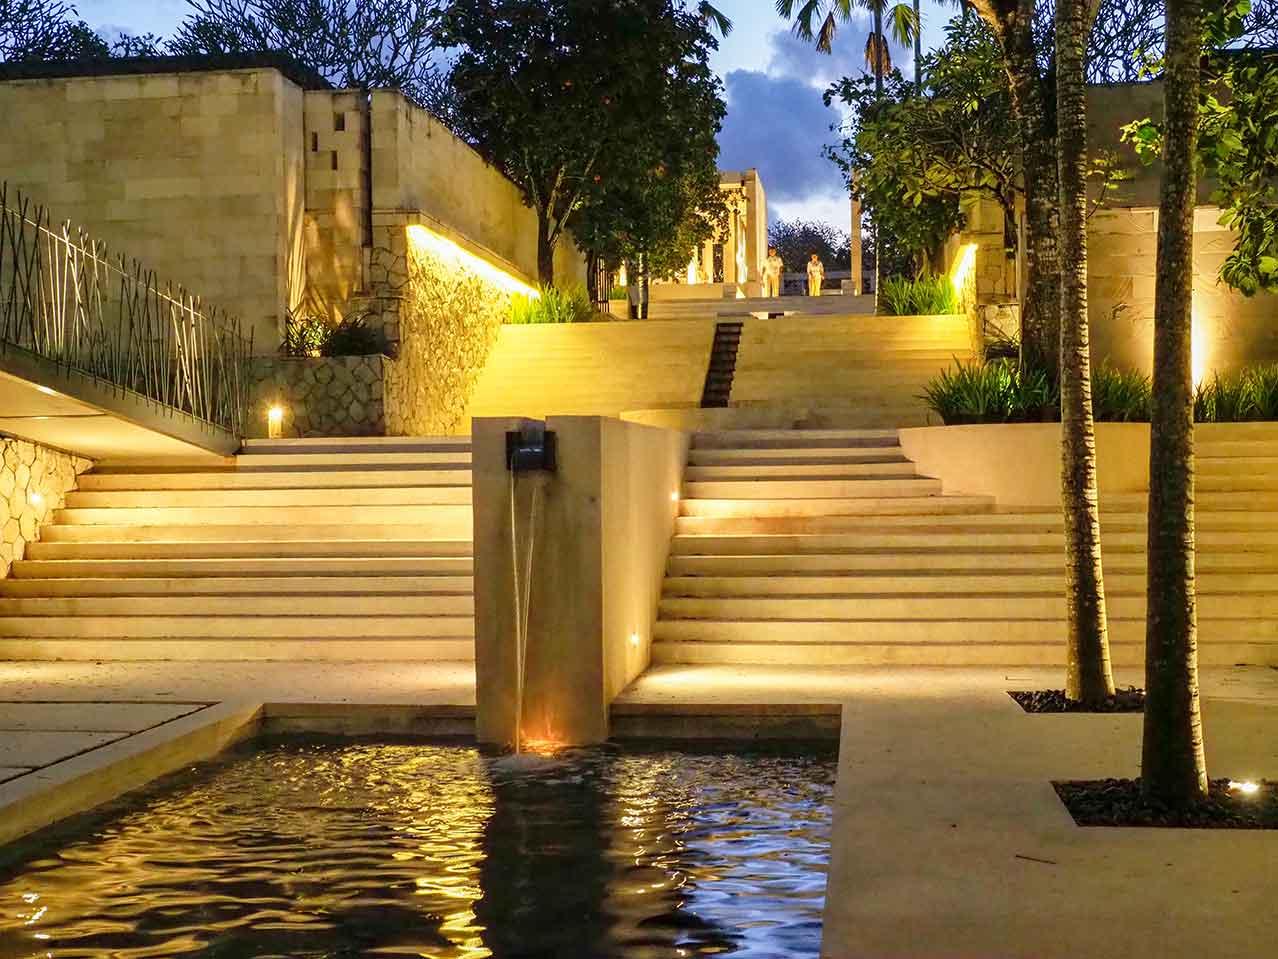 """The Balé Nusa Dua, hotel dengan konsep """"Surga Tropis di Pulau Dewata"""". Hotel seluas 18.000 m2ini memiliki 29 paviliun yang dirancang apik, masing-masing dilengkapi taman pribadi dan kolam renang yang unik. Hotel ini memang dirancang khusus untuk tamu dewasa, ideal untuk melaksanakan upacara dan resepsi pernikahan, serta berbulan madu. Sejak tampilan eksteriornya, hotel ini telah menunjukkan jati dirinya sebagai resortmewah dengan suasana romantis, tempat peristirahatan yang tenang untuk mengakrabkan diri dengan orang terkasih."""